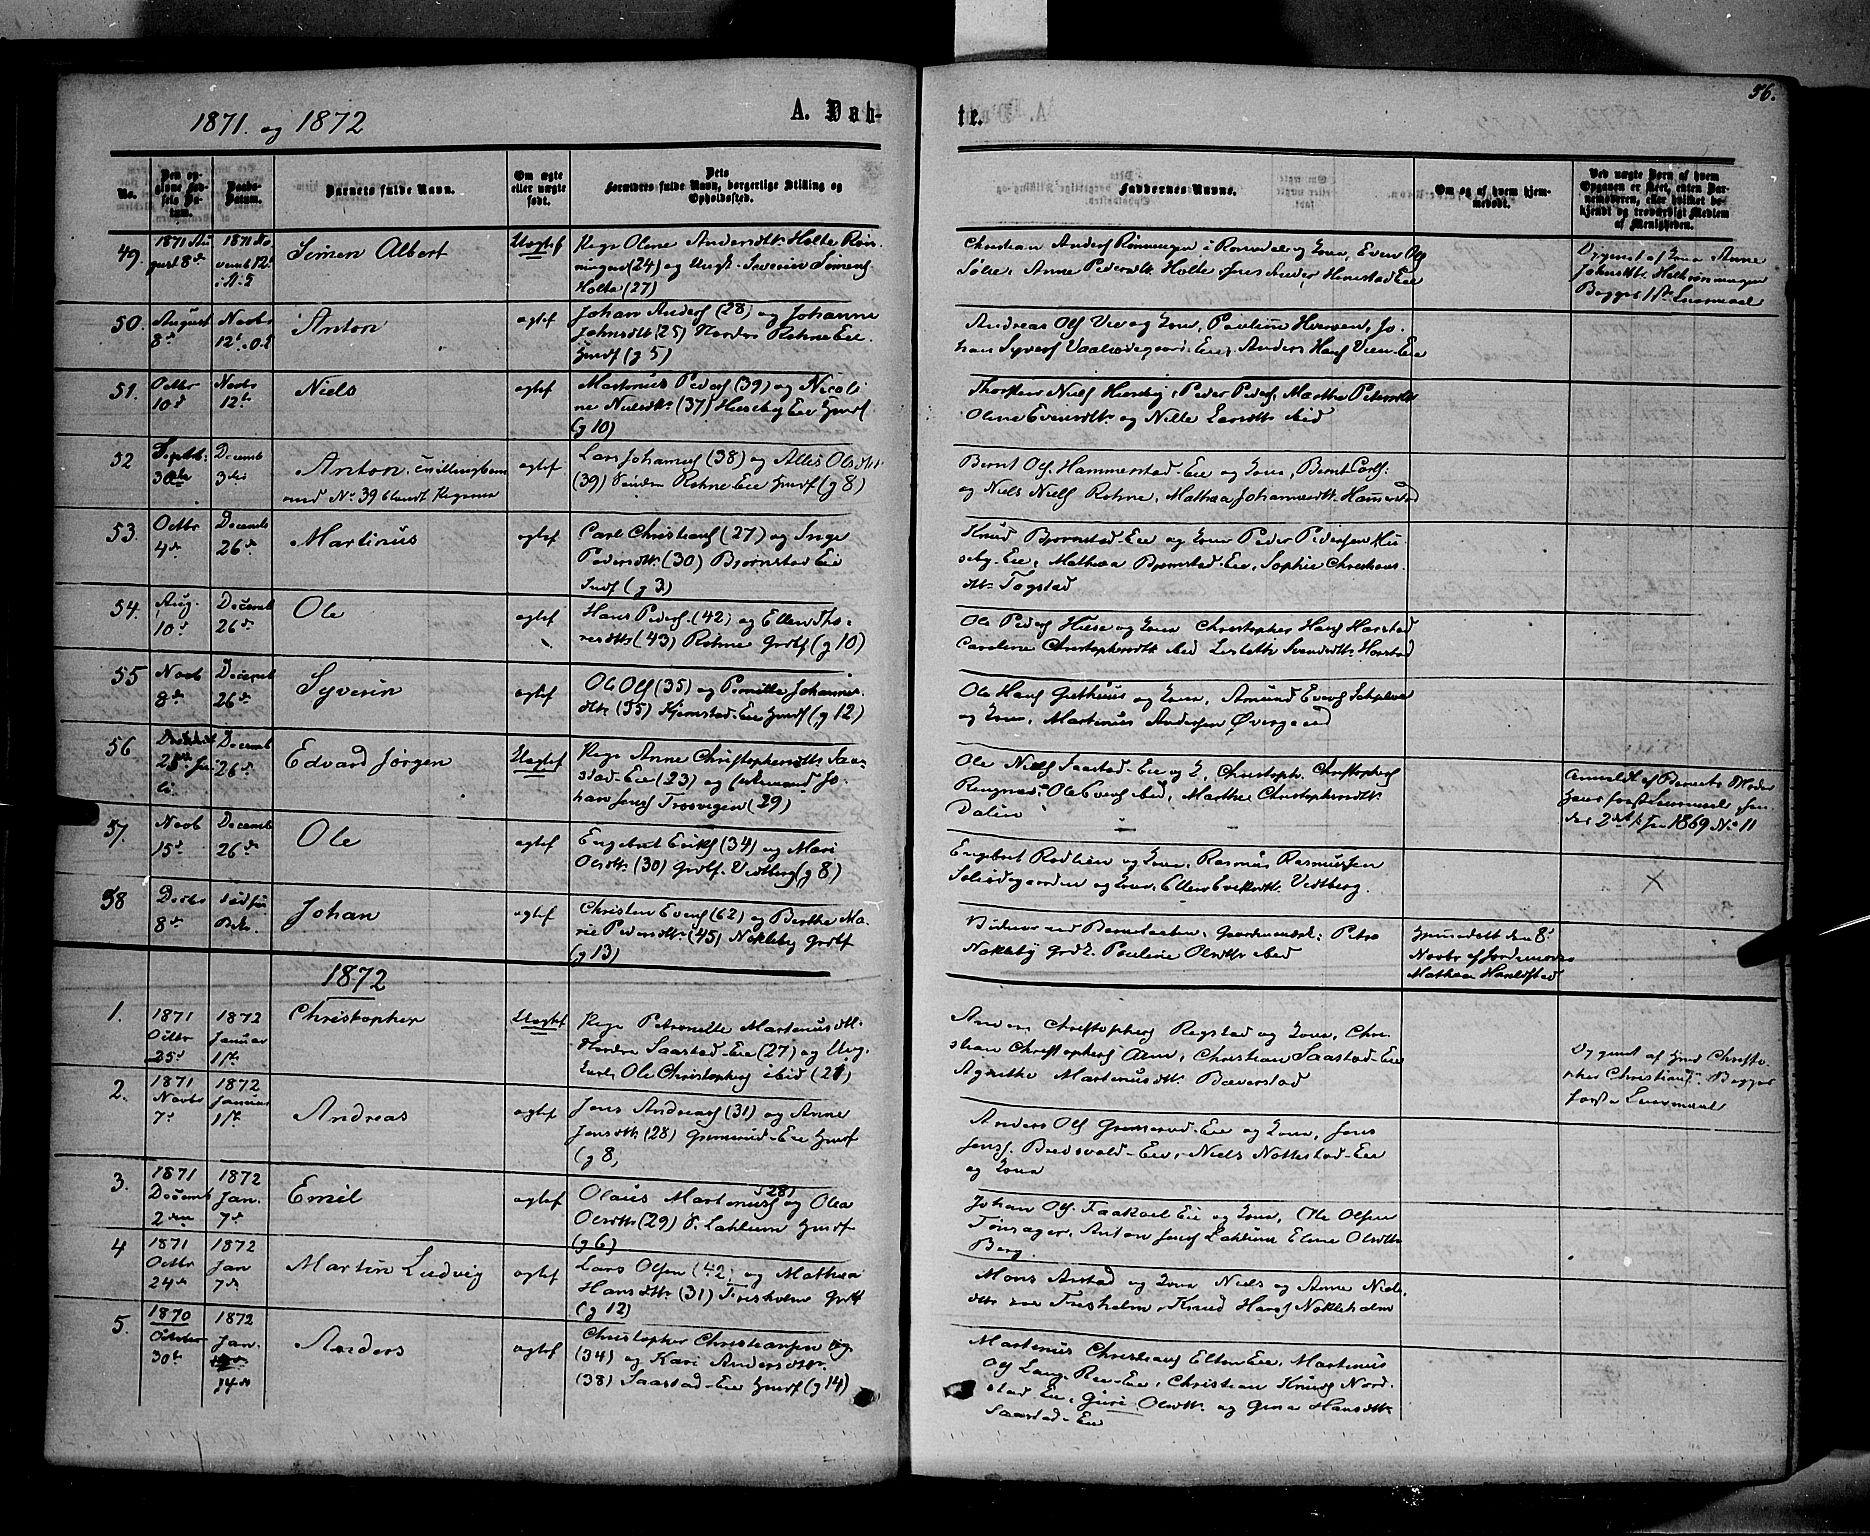 SAH, Stange prestekontor, K/L0013: Parish register (official) no. 13, 1862-1879, p. 56